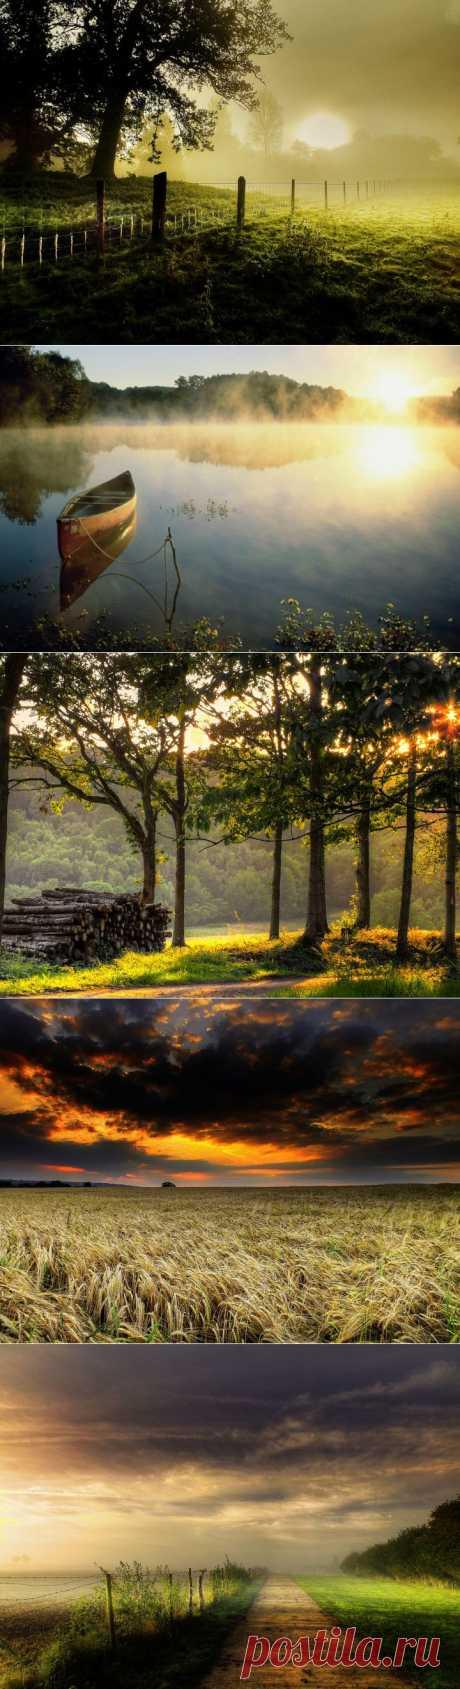 (+1) тема - Завораживающие пейзажи | ЛЮБИМЫЕ ФОТО